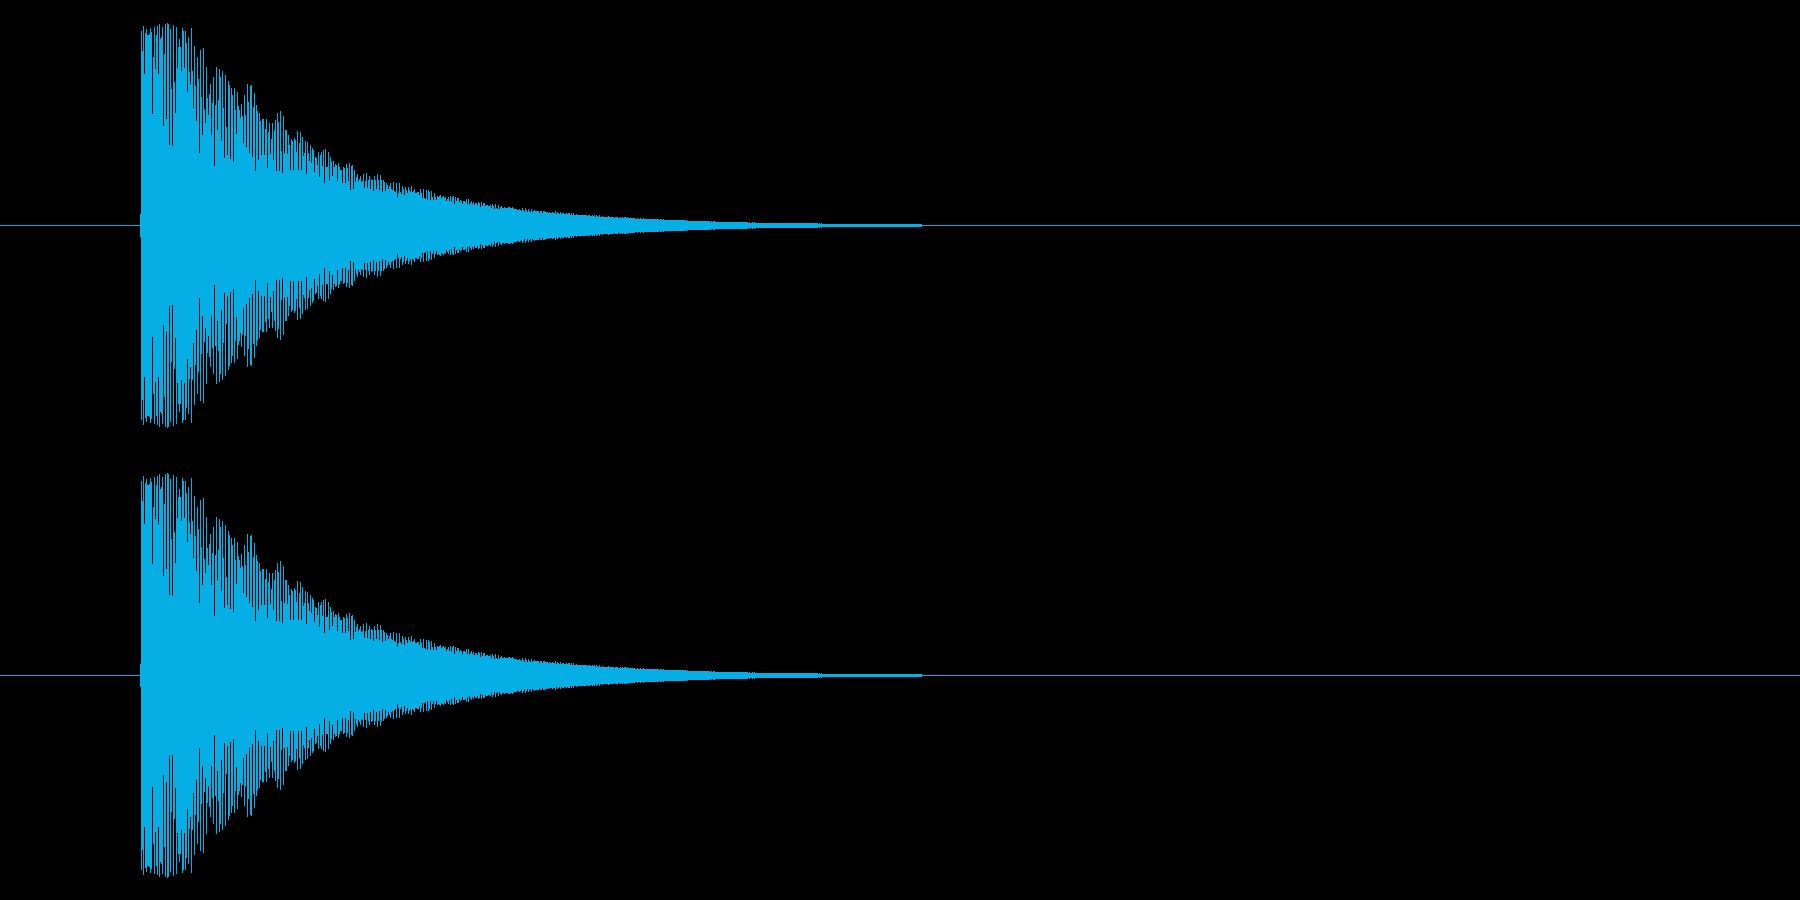 メタルヒットパルスヒットタイプ1バ...の再生済みの波形